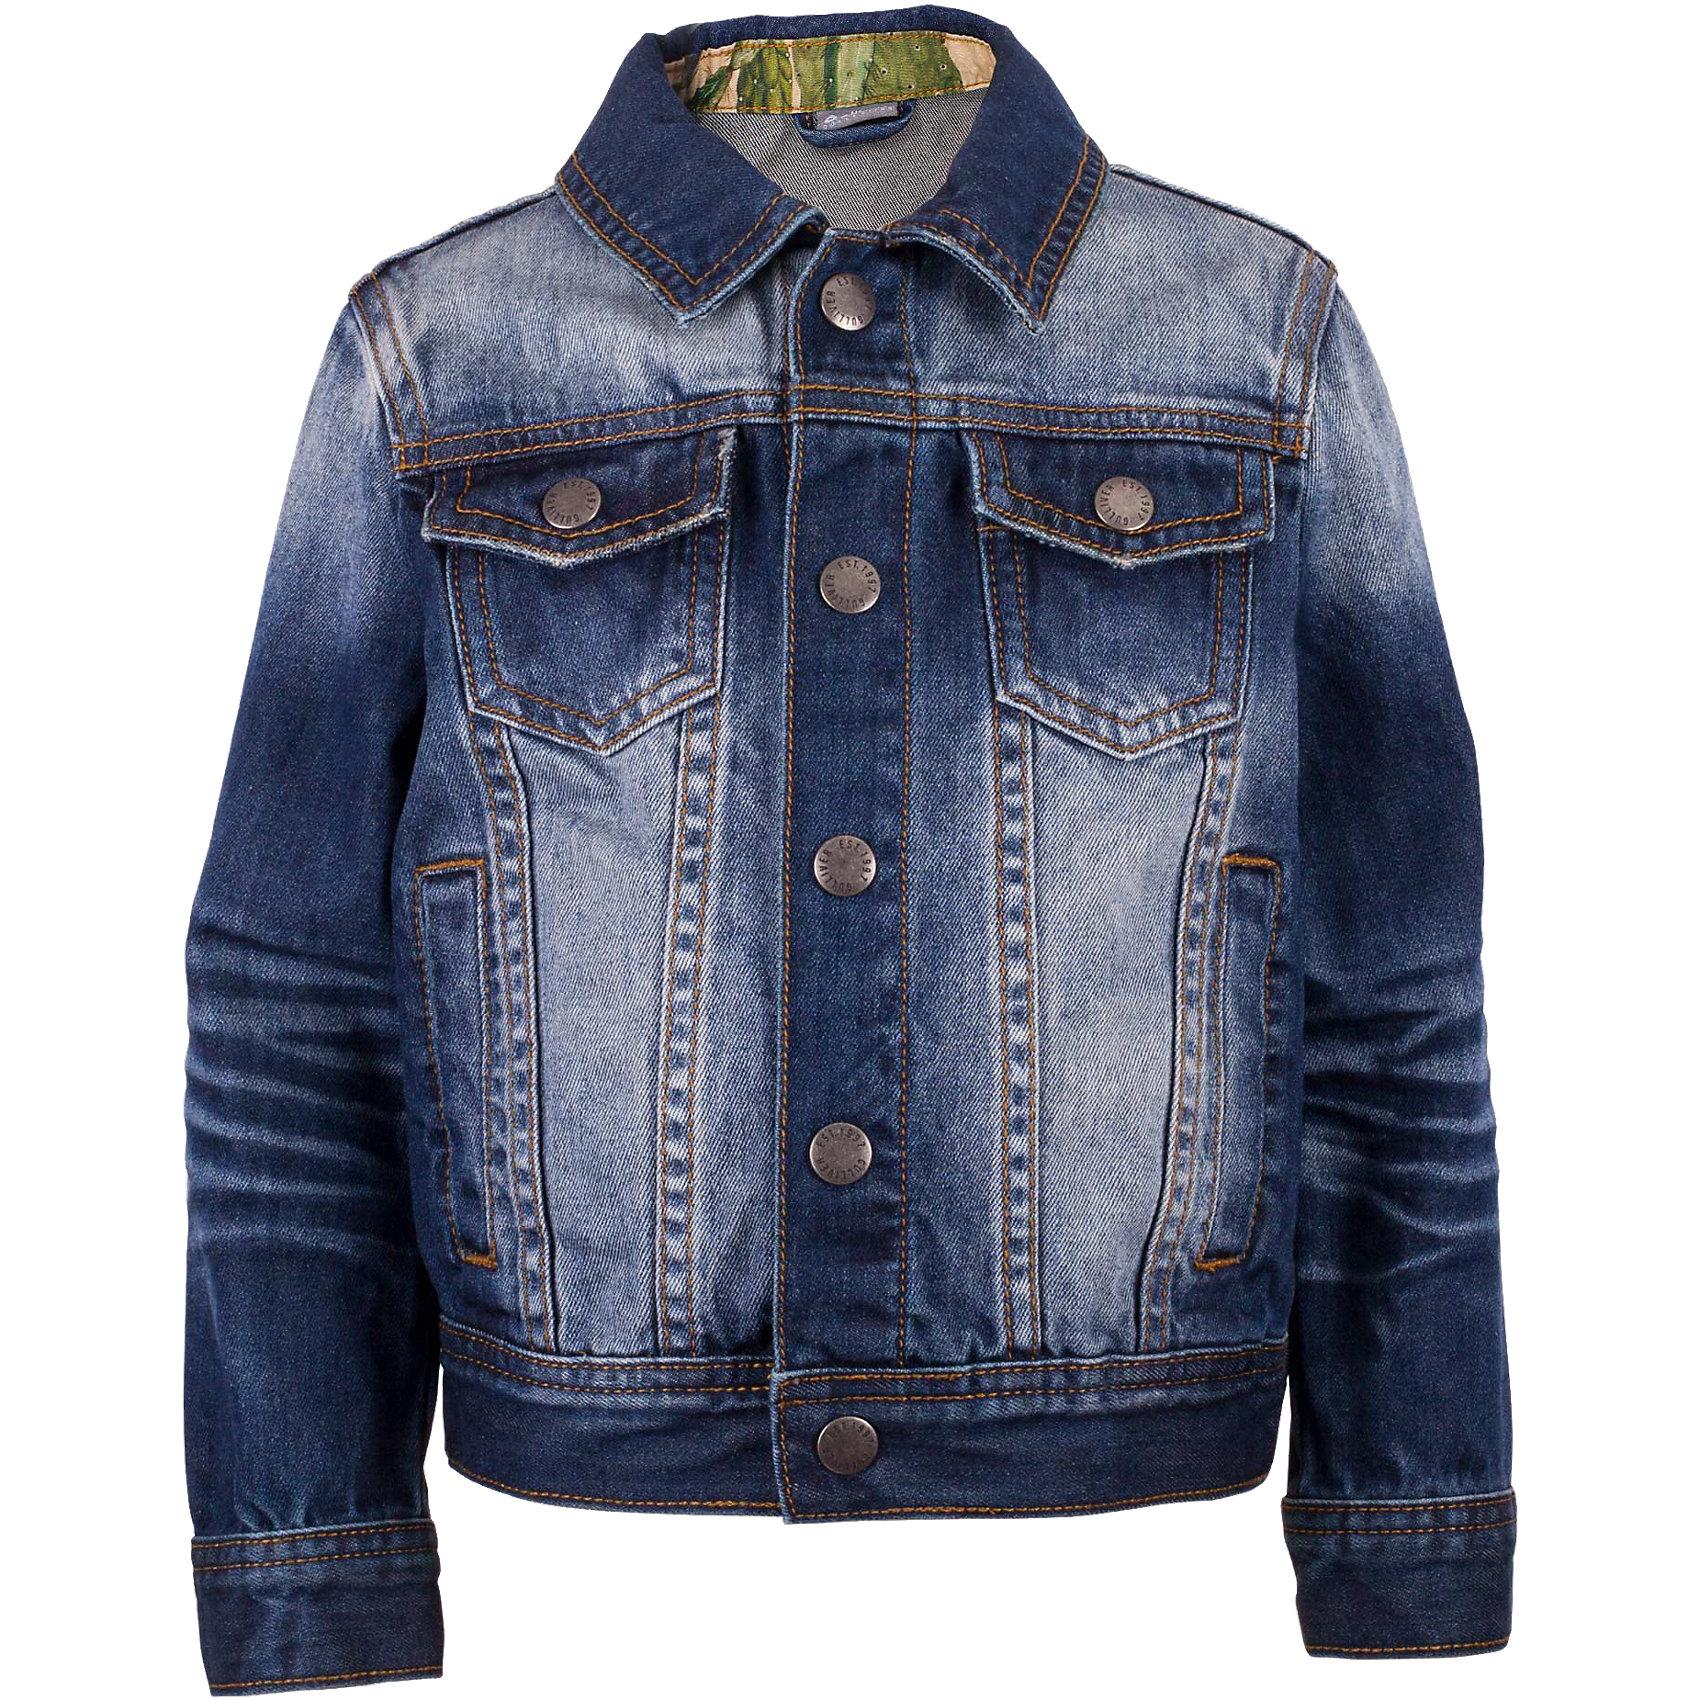 Жакет джинсовый для мальчика GulliverДжинсовая одежда<br>Модная джинсовая куртка для мальчика - изделие на все случаи жизни! Она прекрасно дополнит любой образ в стиле casual, а также станет любимым атрибутом спортивного стиля! Синяя куртка с модными потертостями, варкой и заплатками выполнена из хлопковой джинсовой ткани, что делает ее очень удобной и практичной в носке. Джинсовая детская куртка - отличный вариант на каждый день. Она создаст комфорт и придаст любому комплекту завершенность.<br>Состав:<br>100% хлопок<br><br>Ширина мм: 356<br>Глубина мм: 10<br>Высота мм: 245<br>Вес г: 519<br>Цвет: синий<br>Возраст от месяцев: 24<br>Возраст до месяцев: 36<br>Пол: Мужской<br>Возраст: Детский<br>Размер: 104,98,110,116<br>SKU: 5483811